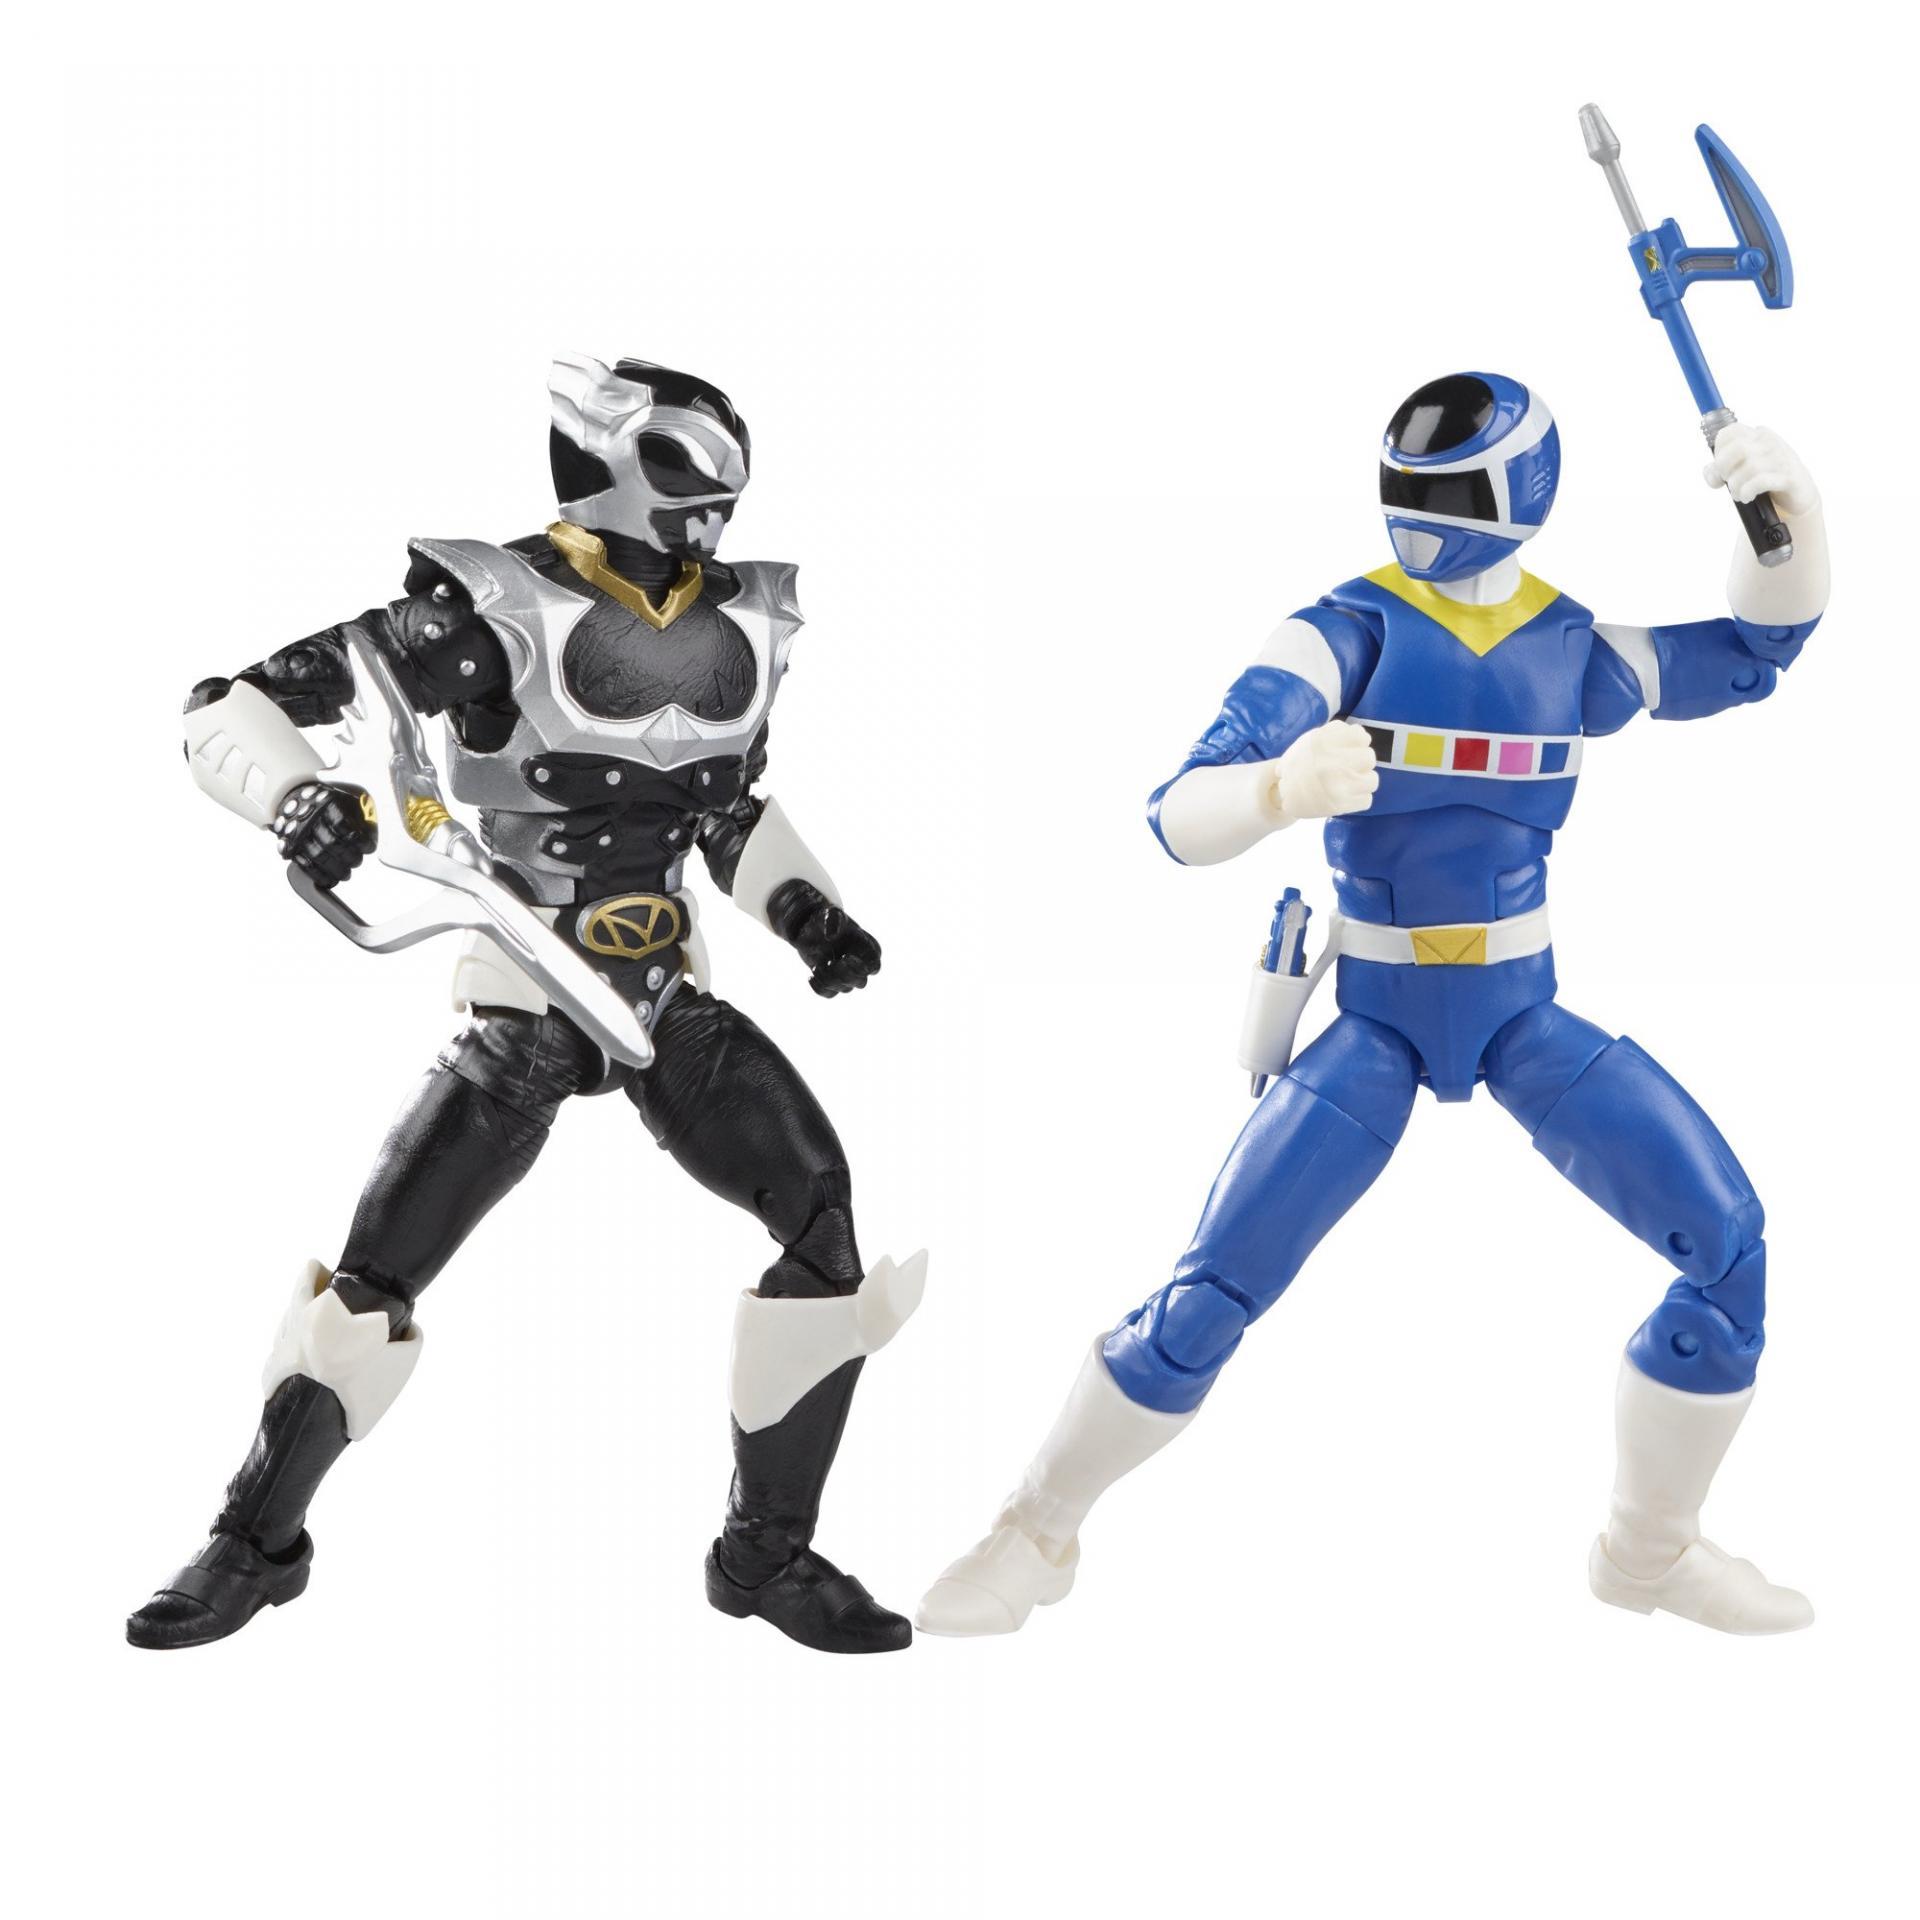 Power rangers lightning collection blue ranger vs silver psycho ranger 15cm4